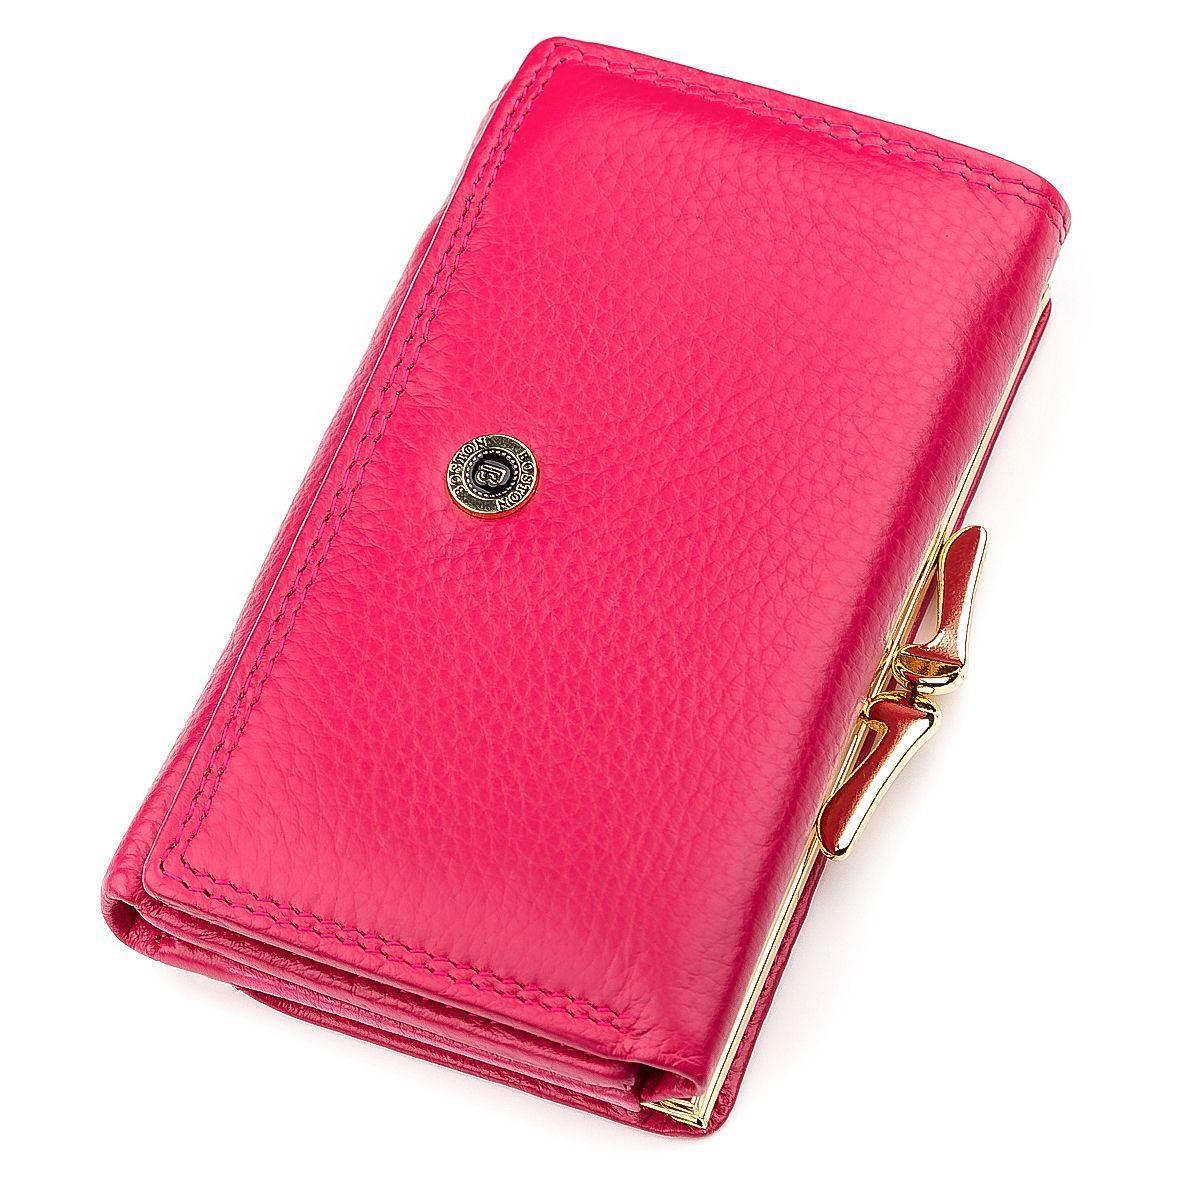 Гаманець Жіночий Boston 18458 (S1201B) Невеликий Рожевий, Рожевий